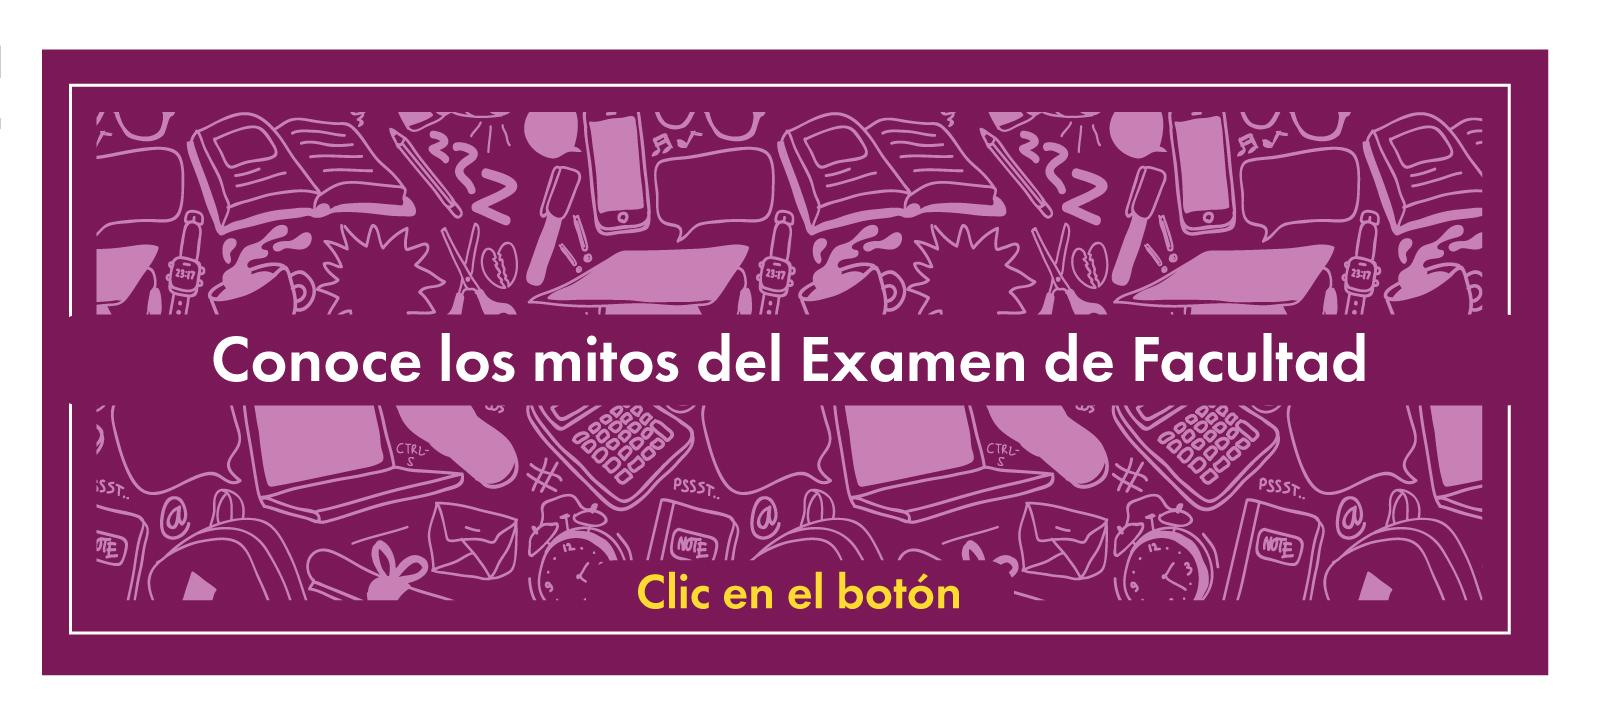 Mitos del Examen de Facultad | Facultad de Derecho | Uniandes